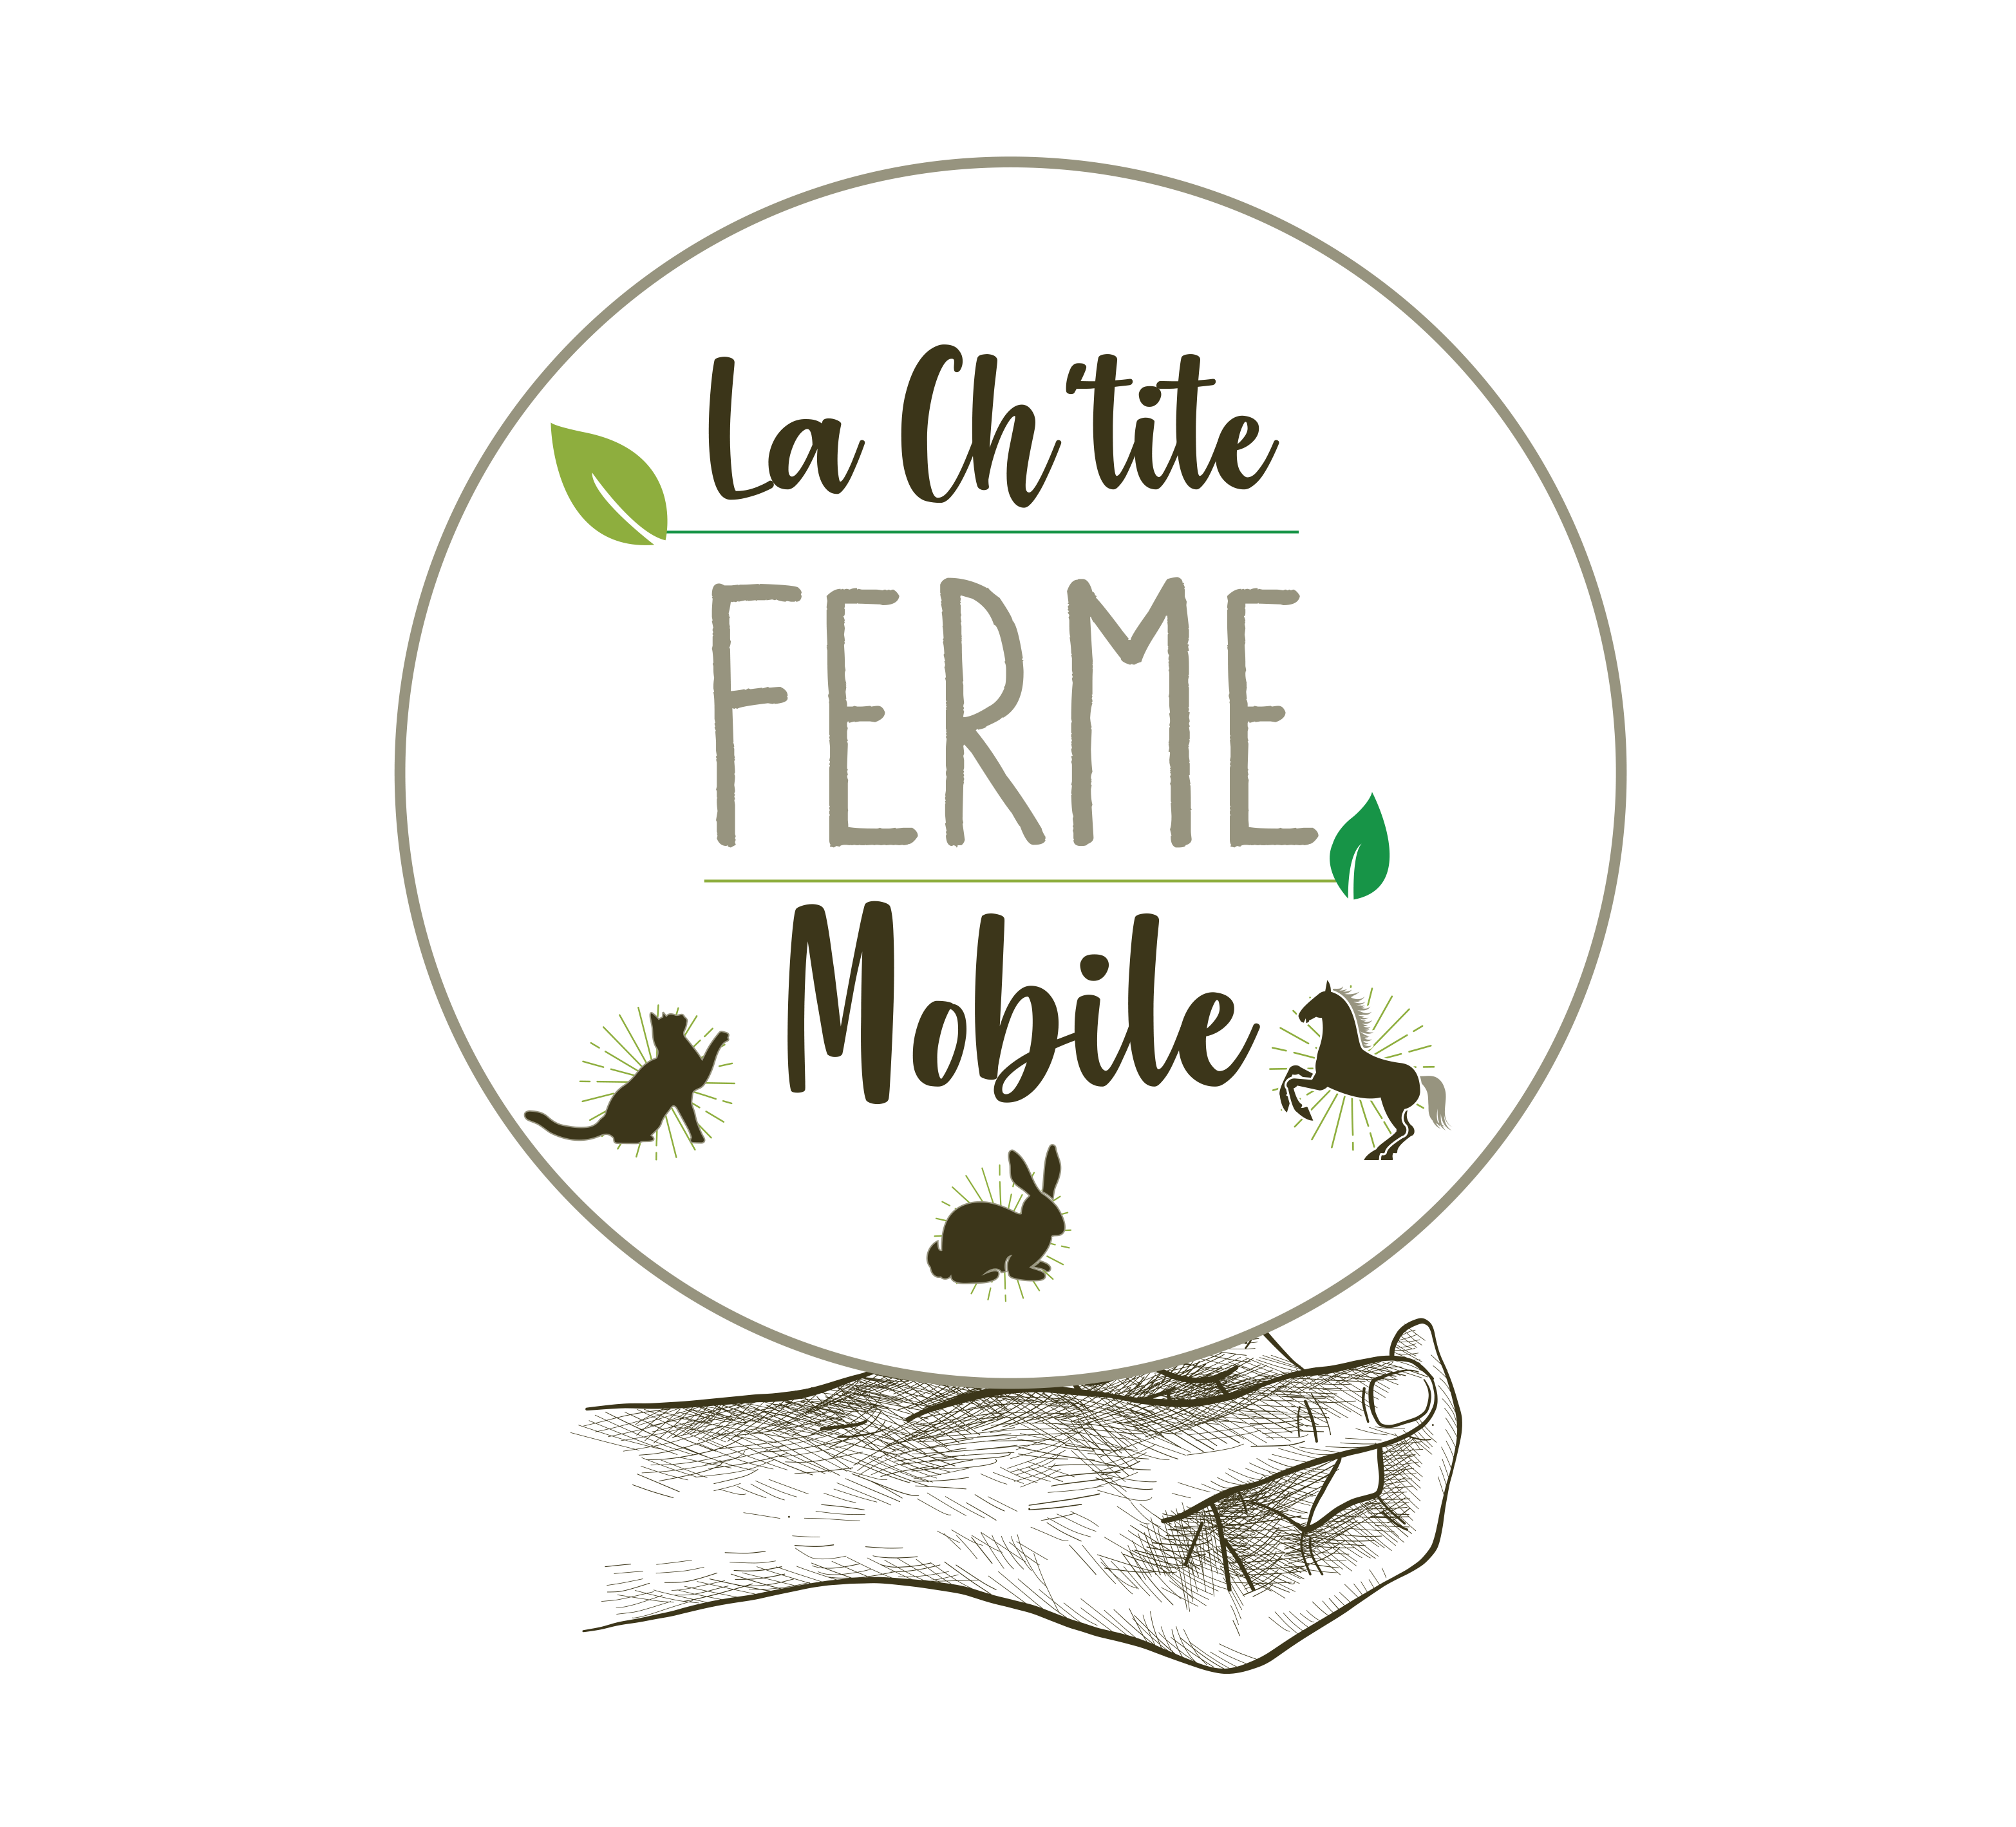 LOGO-CHTITE-FERME-MOBILE-OK